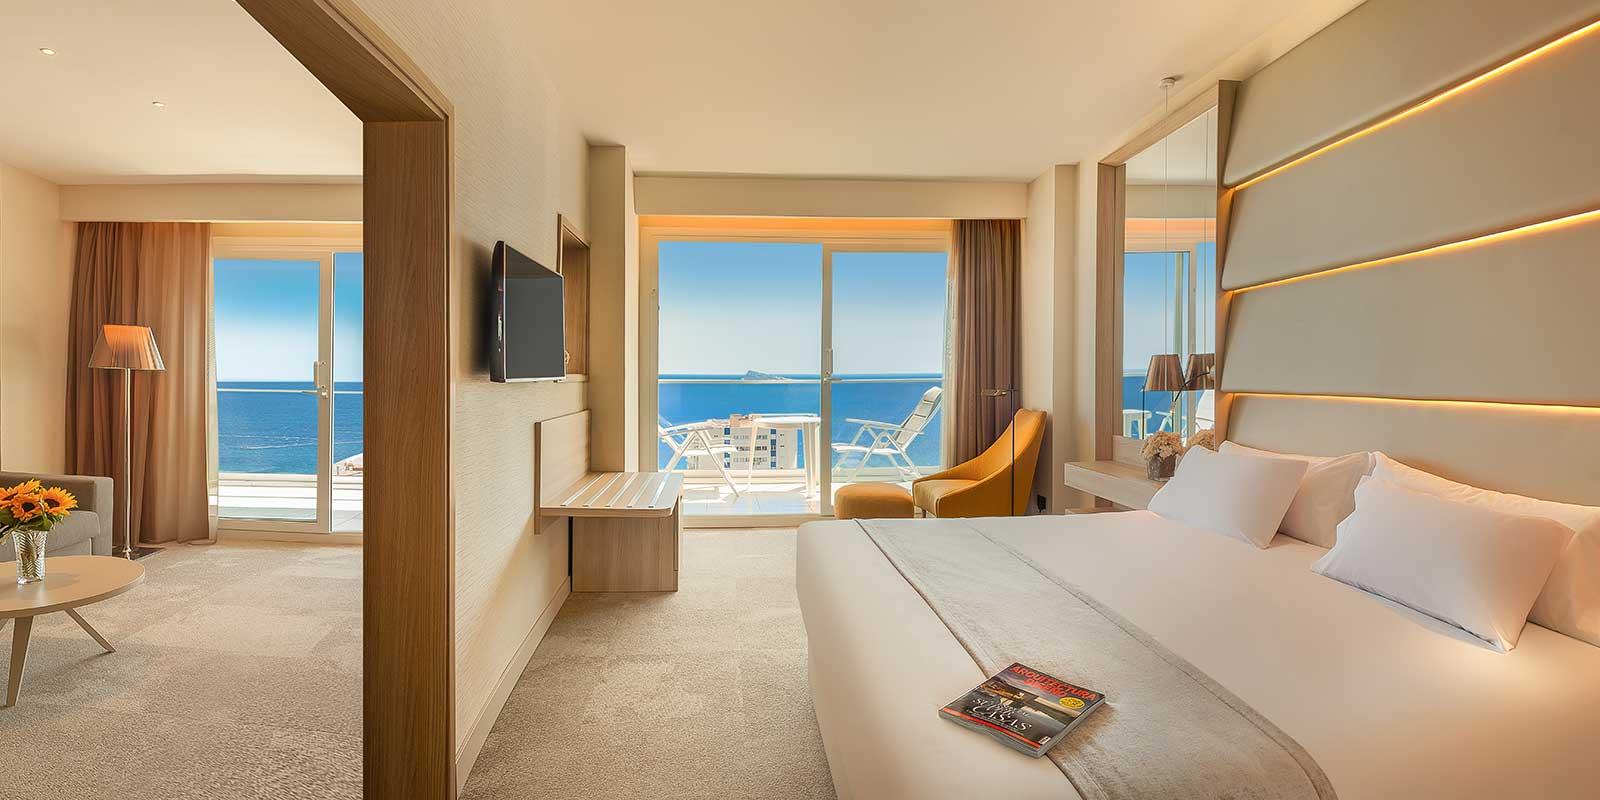 Habitación amplia y con vistas al mar de la Suite del Hotel Don Pancho